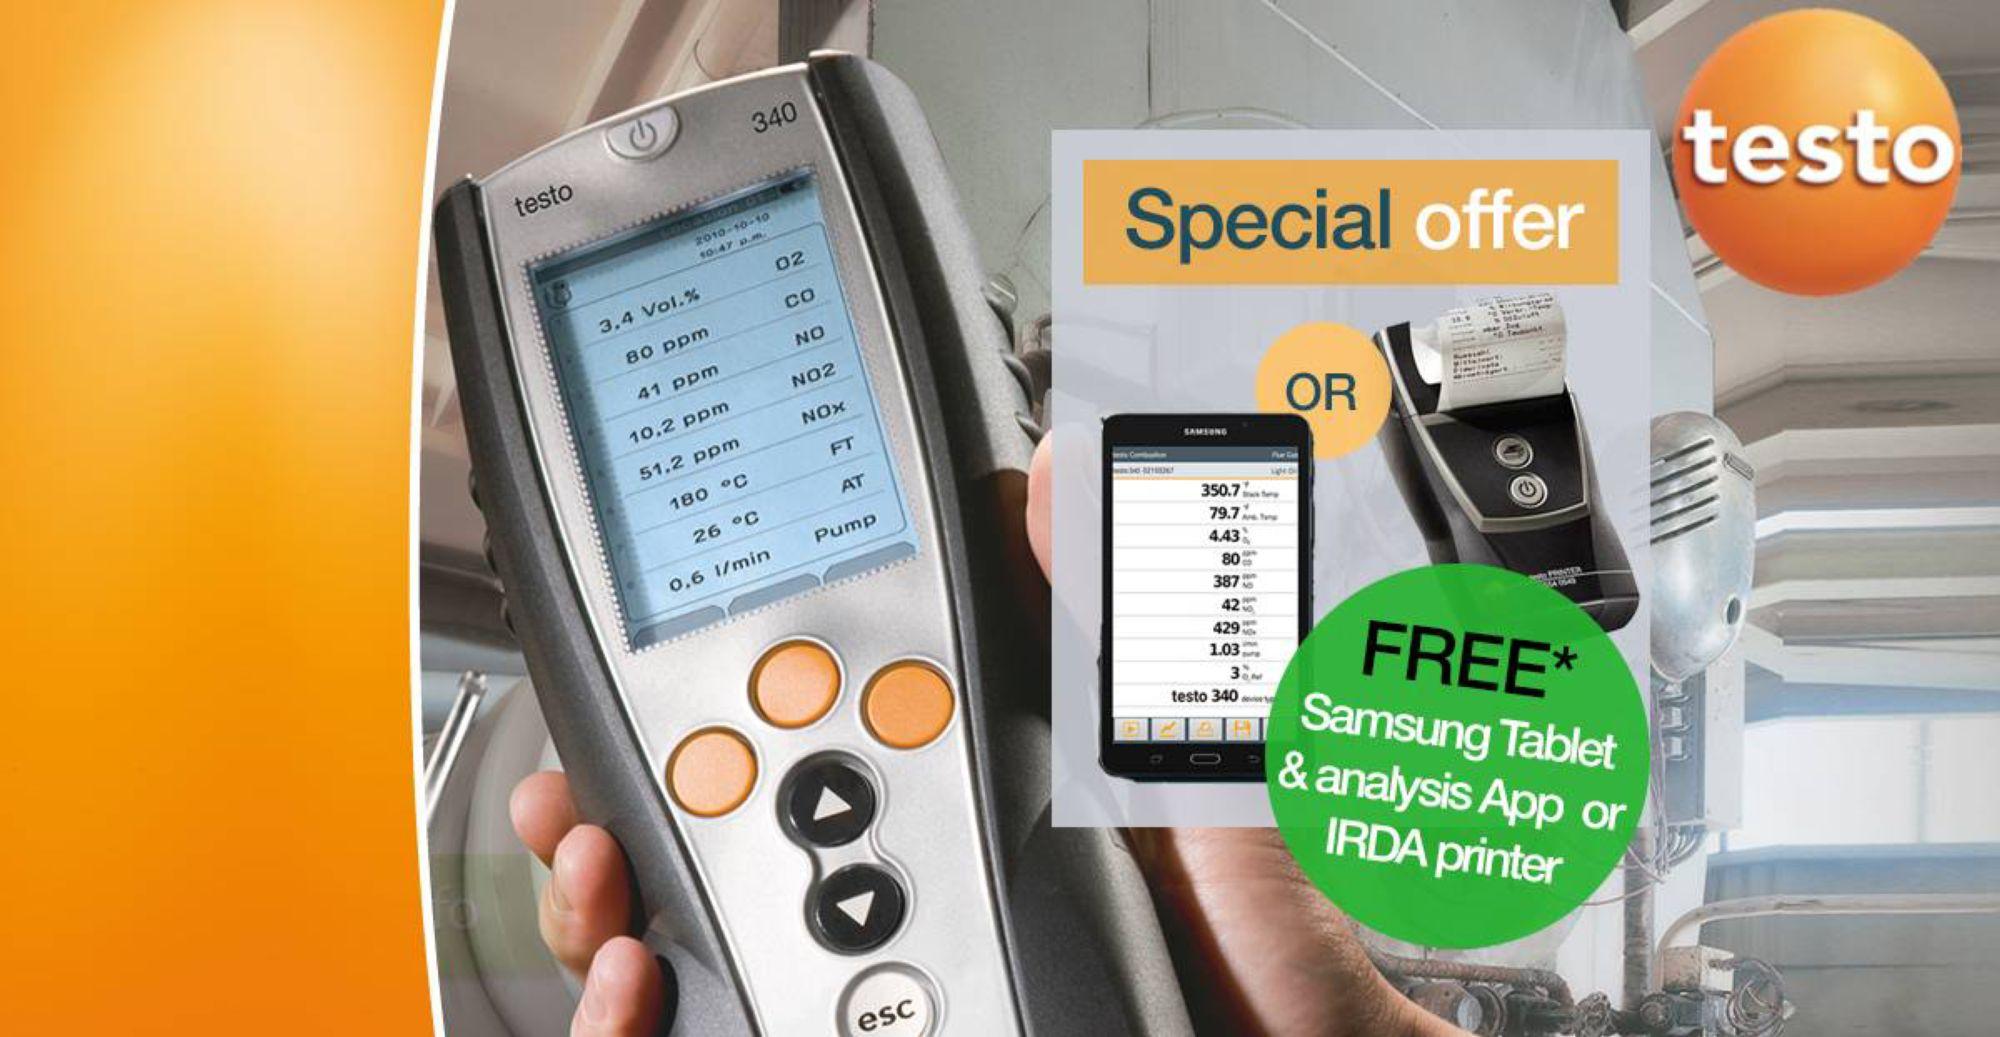 testo-340-Tablet-Promo-1200x628-SoMe-v2.jpg